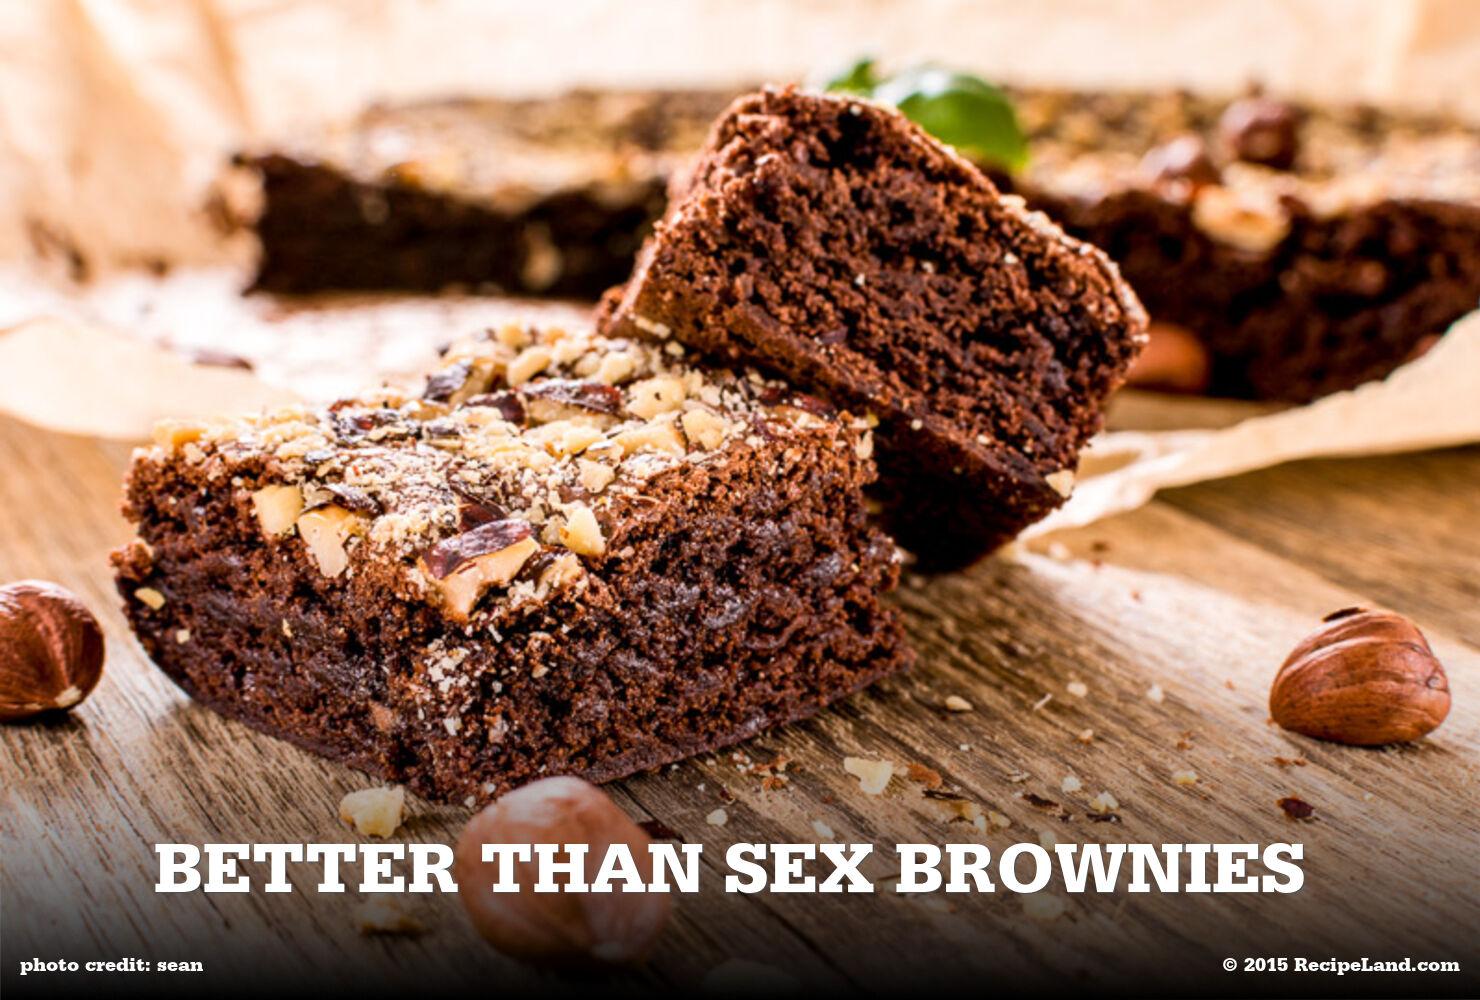 Better Than Sex Brownies